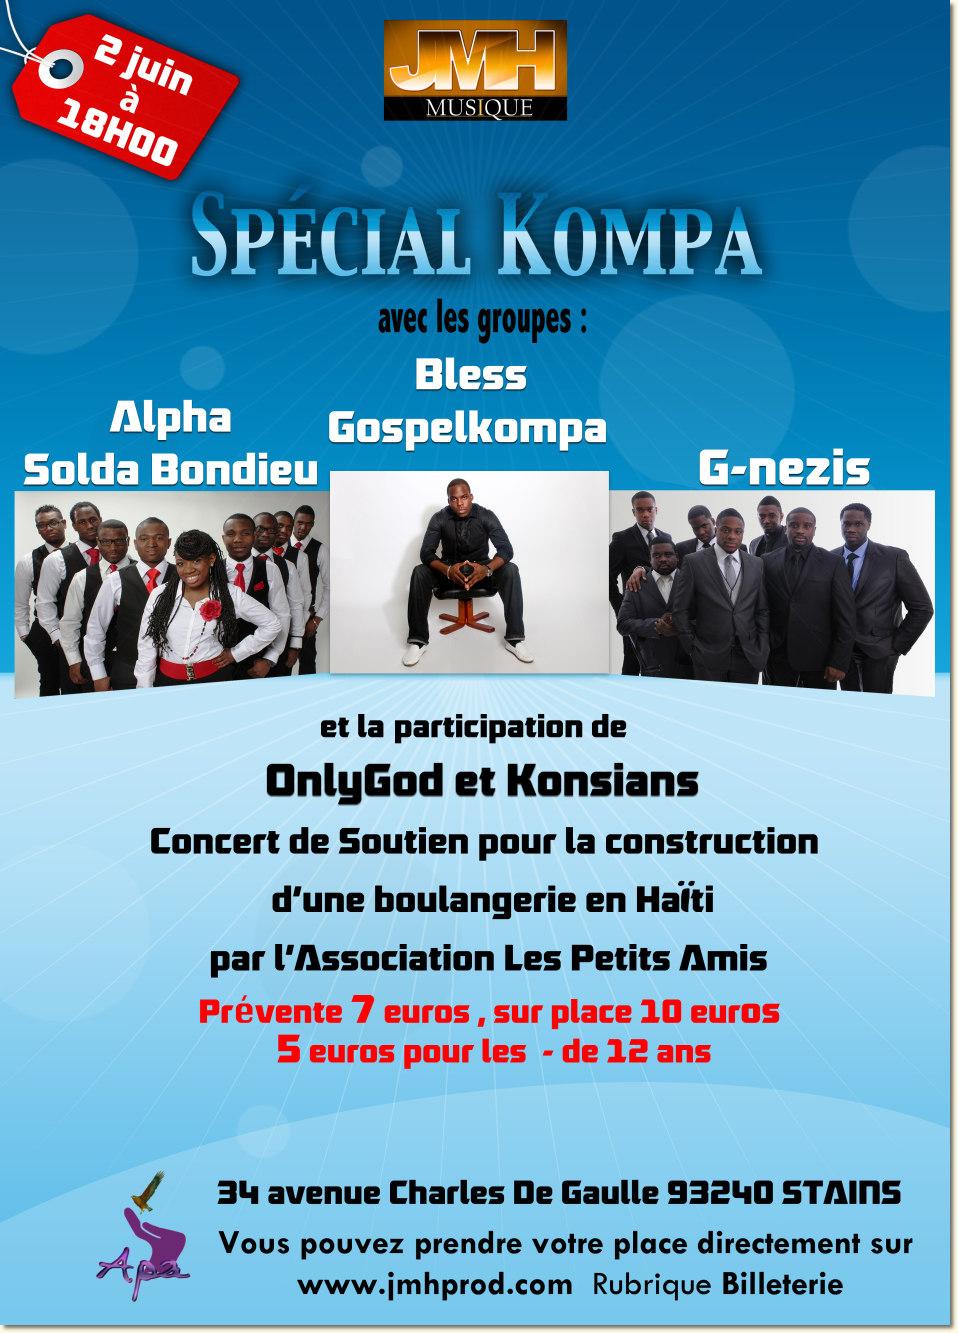 Le samedi 2 juin 2012 dès 14h, venez nombreux au concert multiple de Stains (93) !